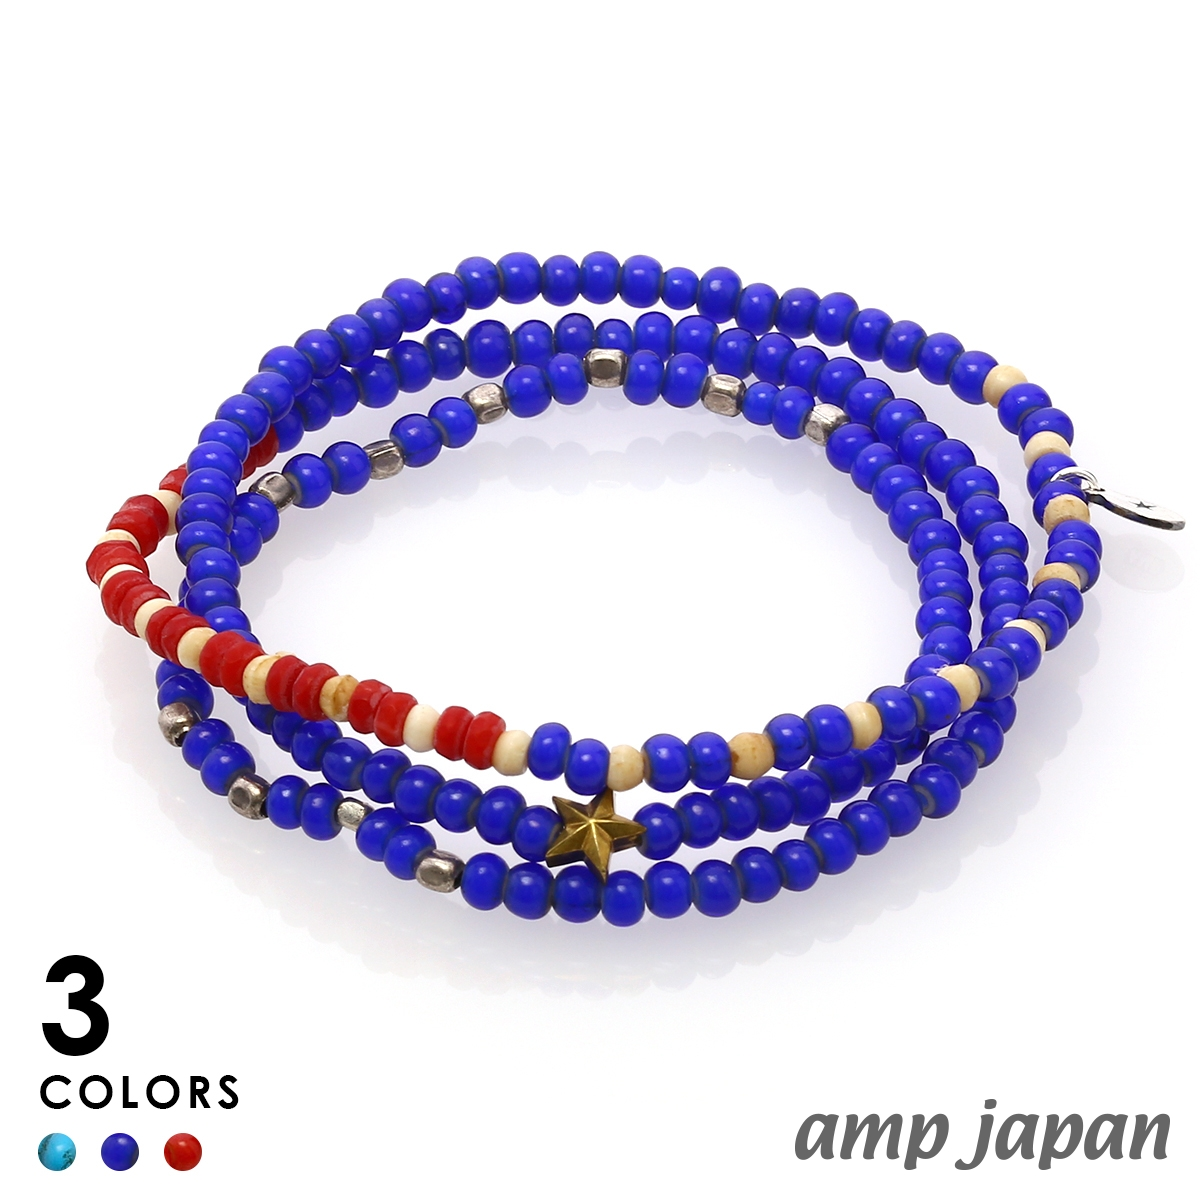 アンプジャパン【amp japan】Vintage White Hearts ヴィンテージ ホワイトハート ネックレス - U.S.A.